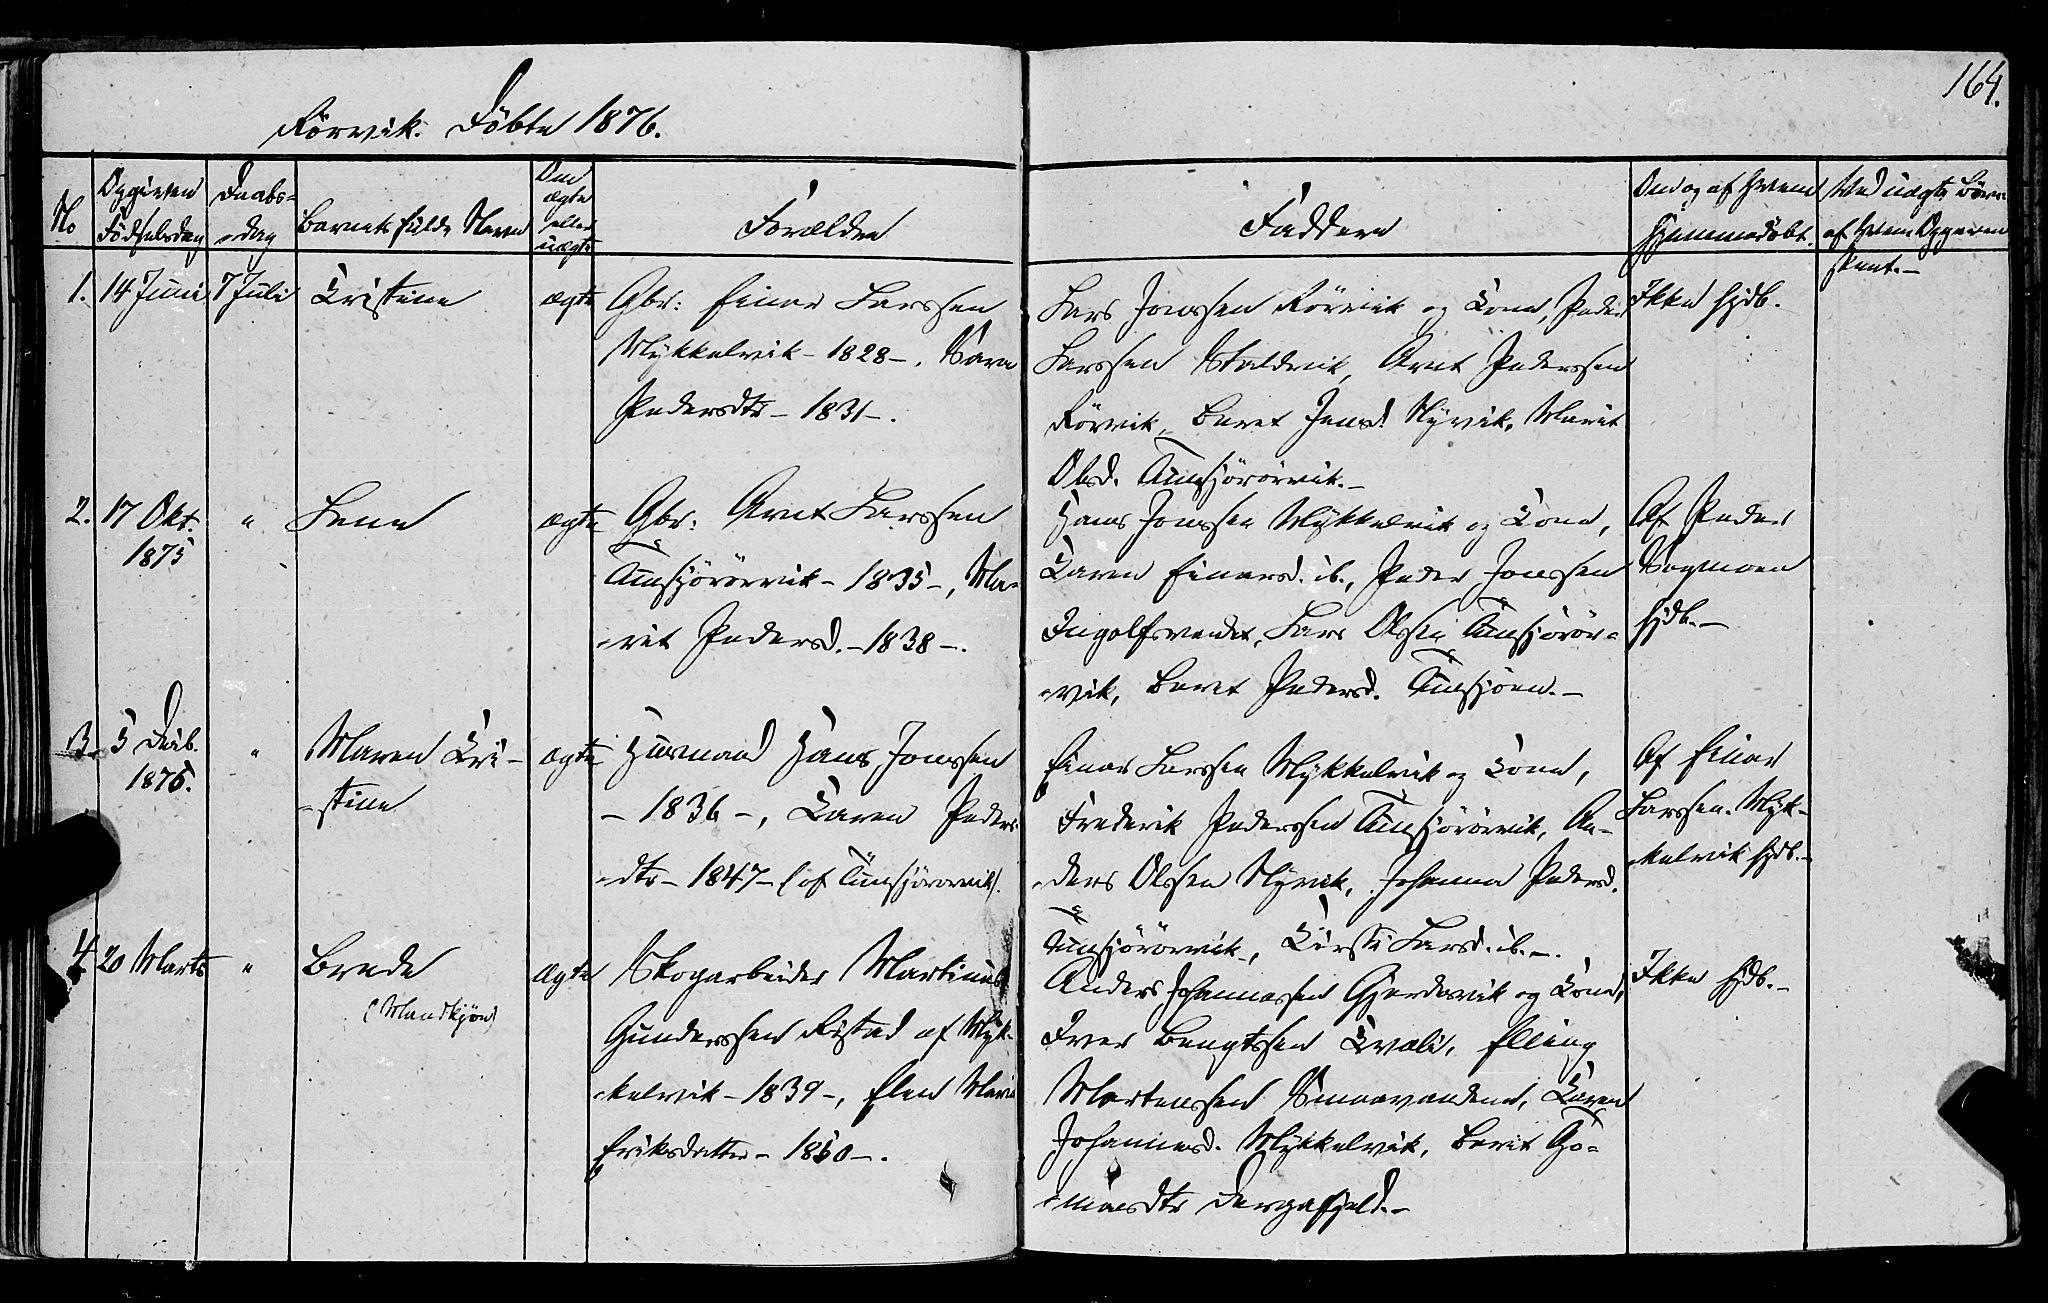 SAT, Ministerialprotokoller, klokkerbøker og fødselsregistre - Nord-Trøndelag, 762/L0538: Ministerialbok nr. 762A02 /1, 1833-1879, s. 164